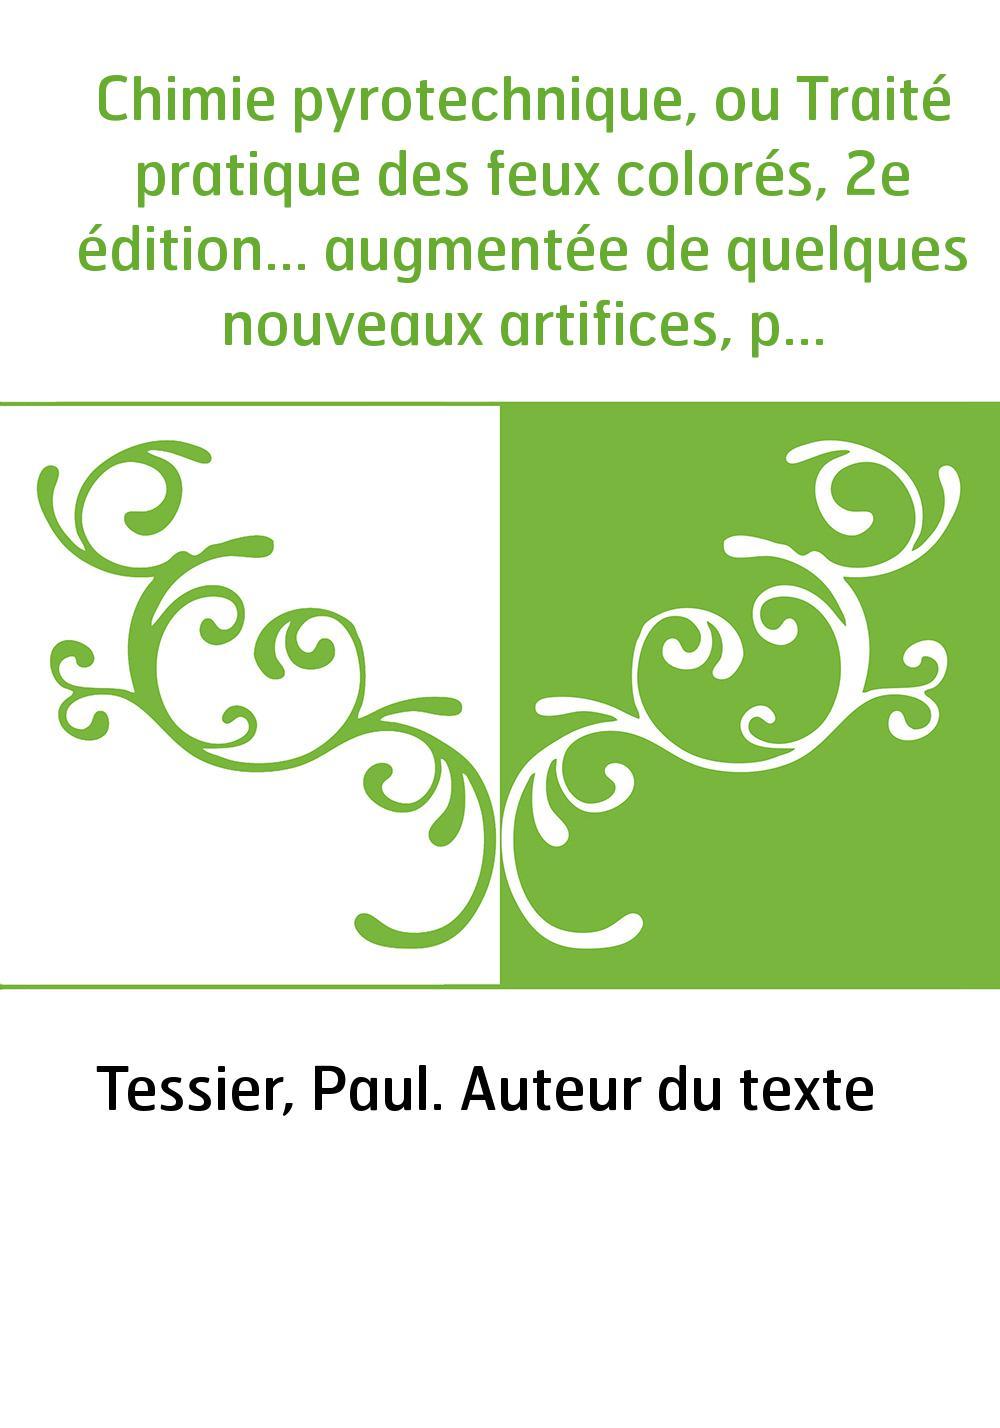 Chimie pyrotechnique, ou Traité pratique des feux colorés, 2e édition... augmentée de quelques nouveaux artifices, par Paul Tess